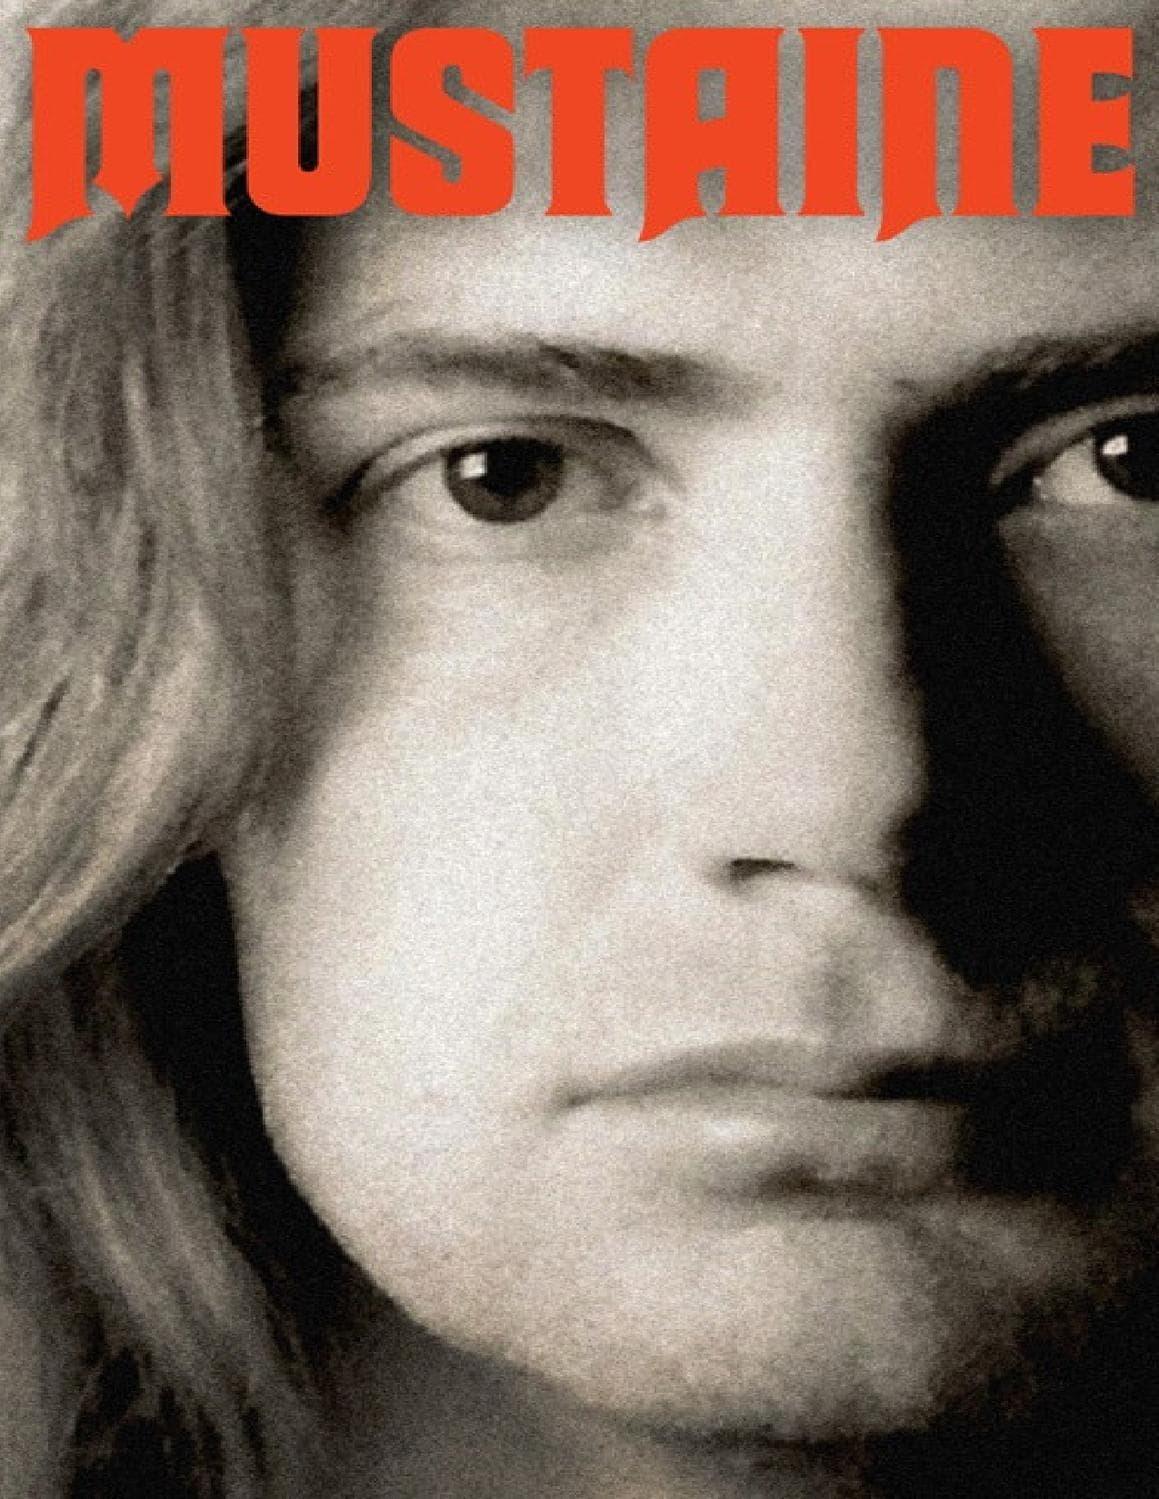 Mustaine: A Heavy Metal Memoir